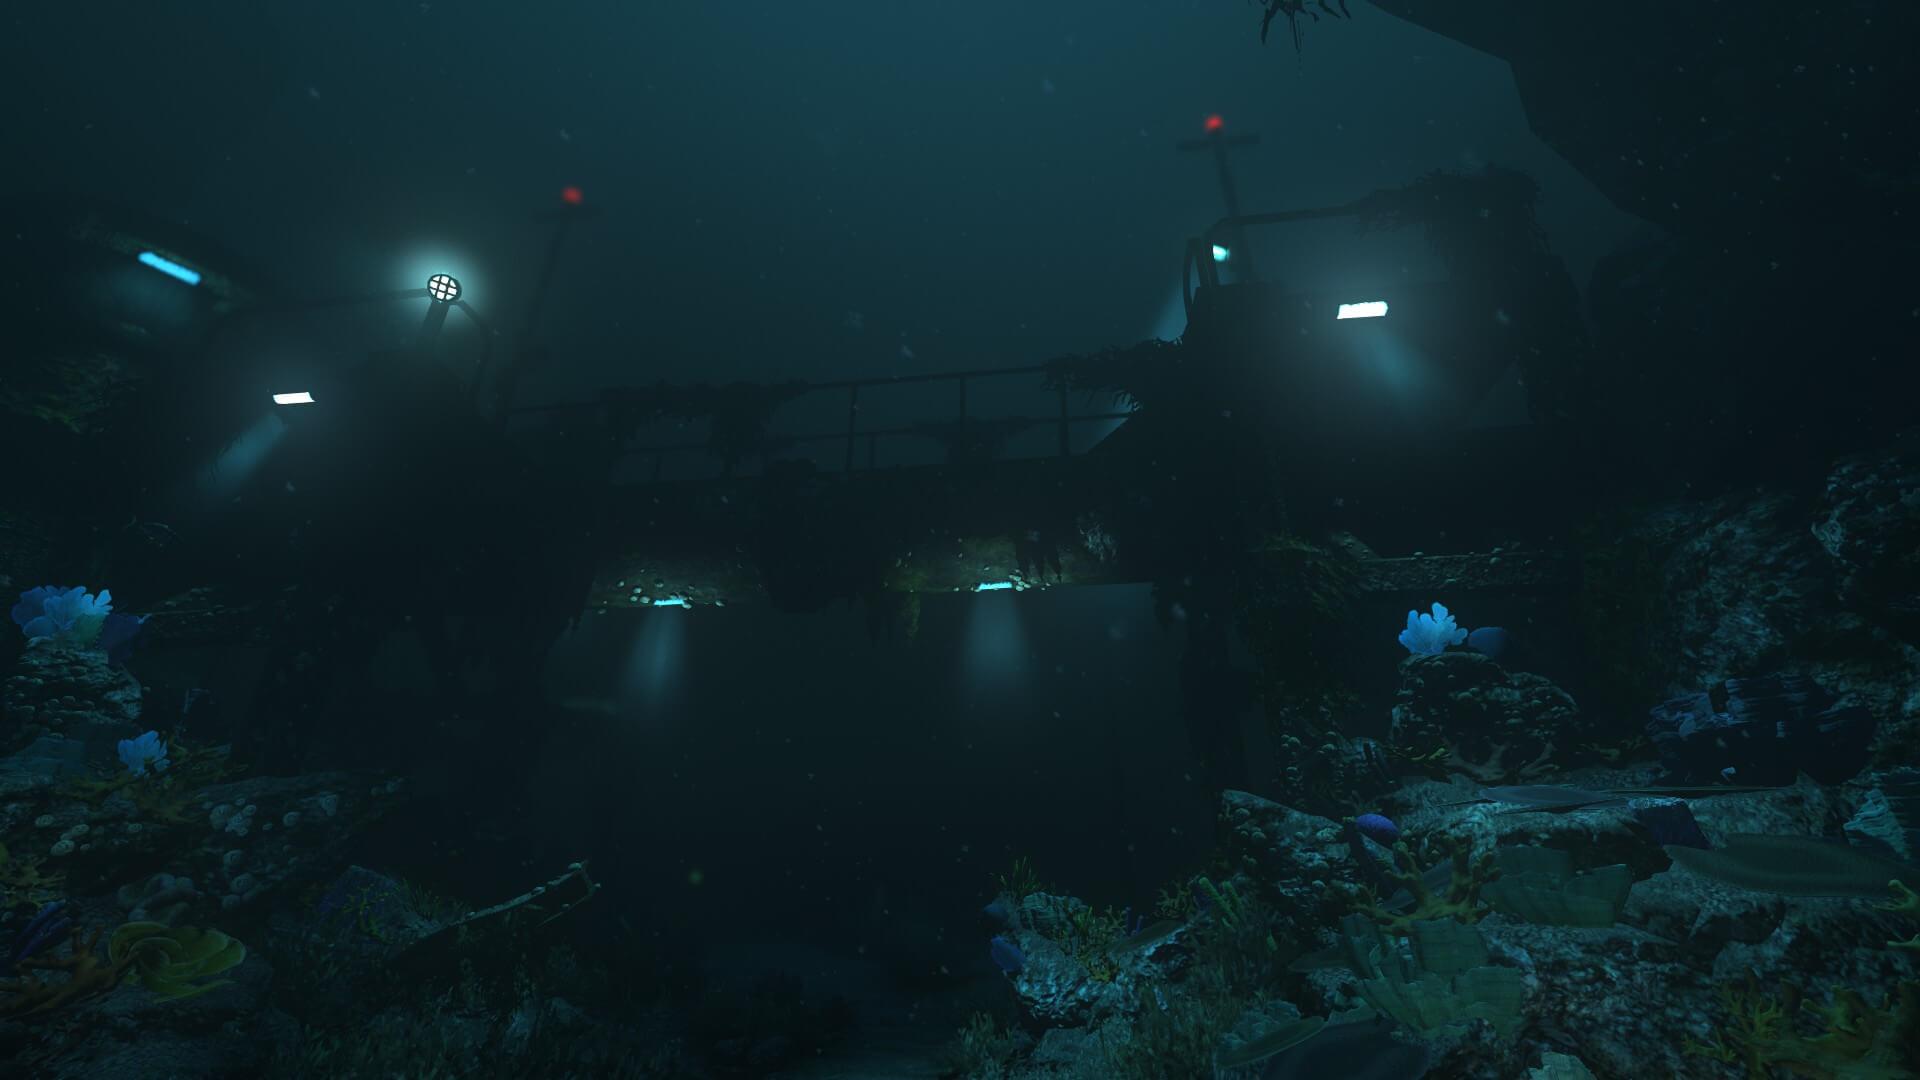 研究施設の外、要するに深海エリアを探索する/SOMAより。